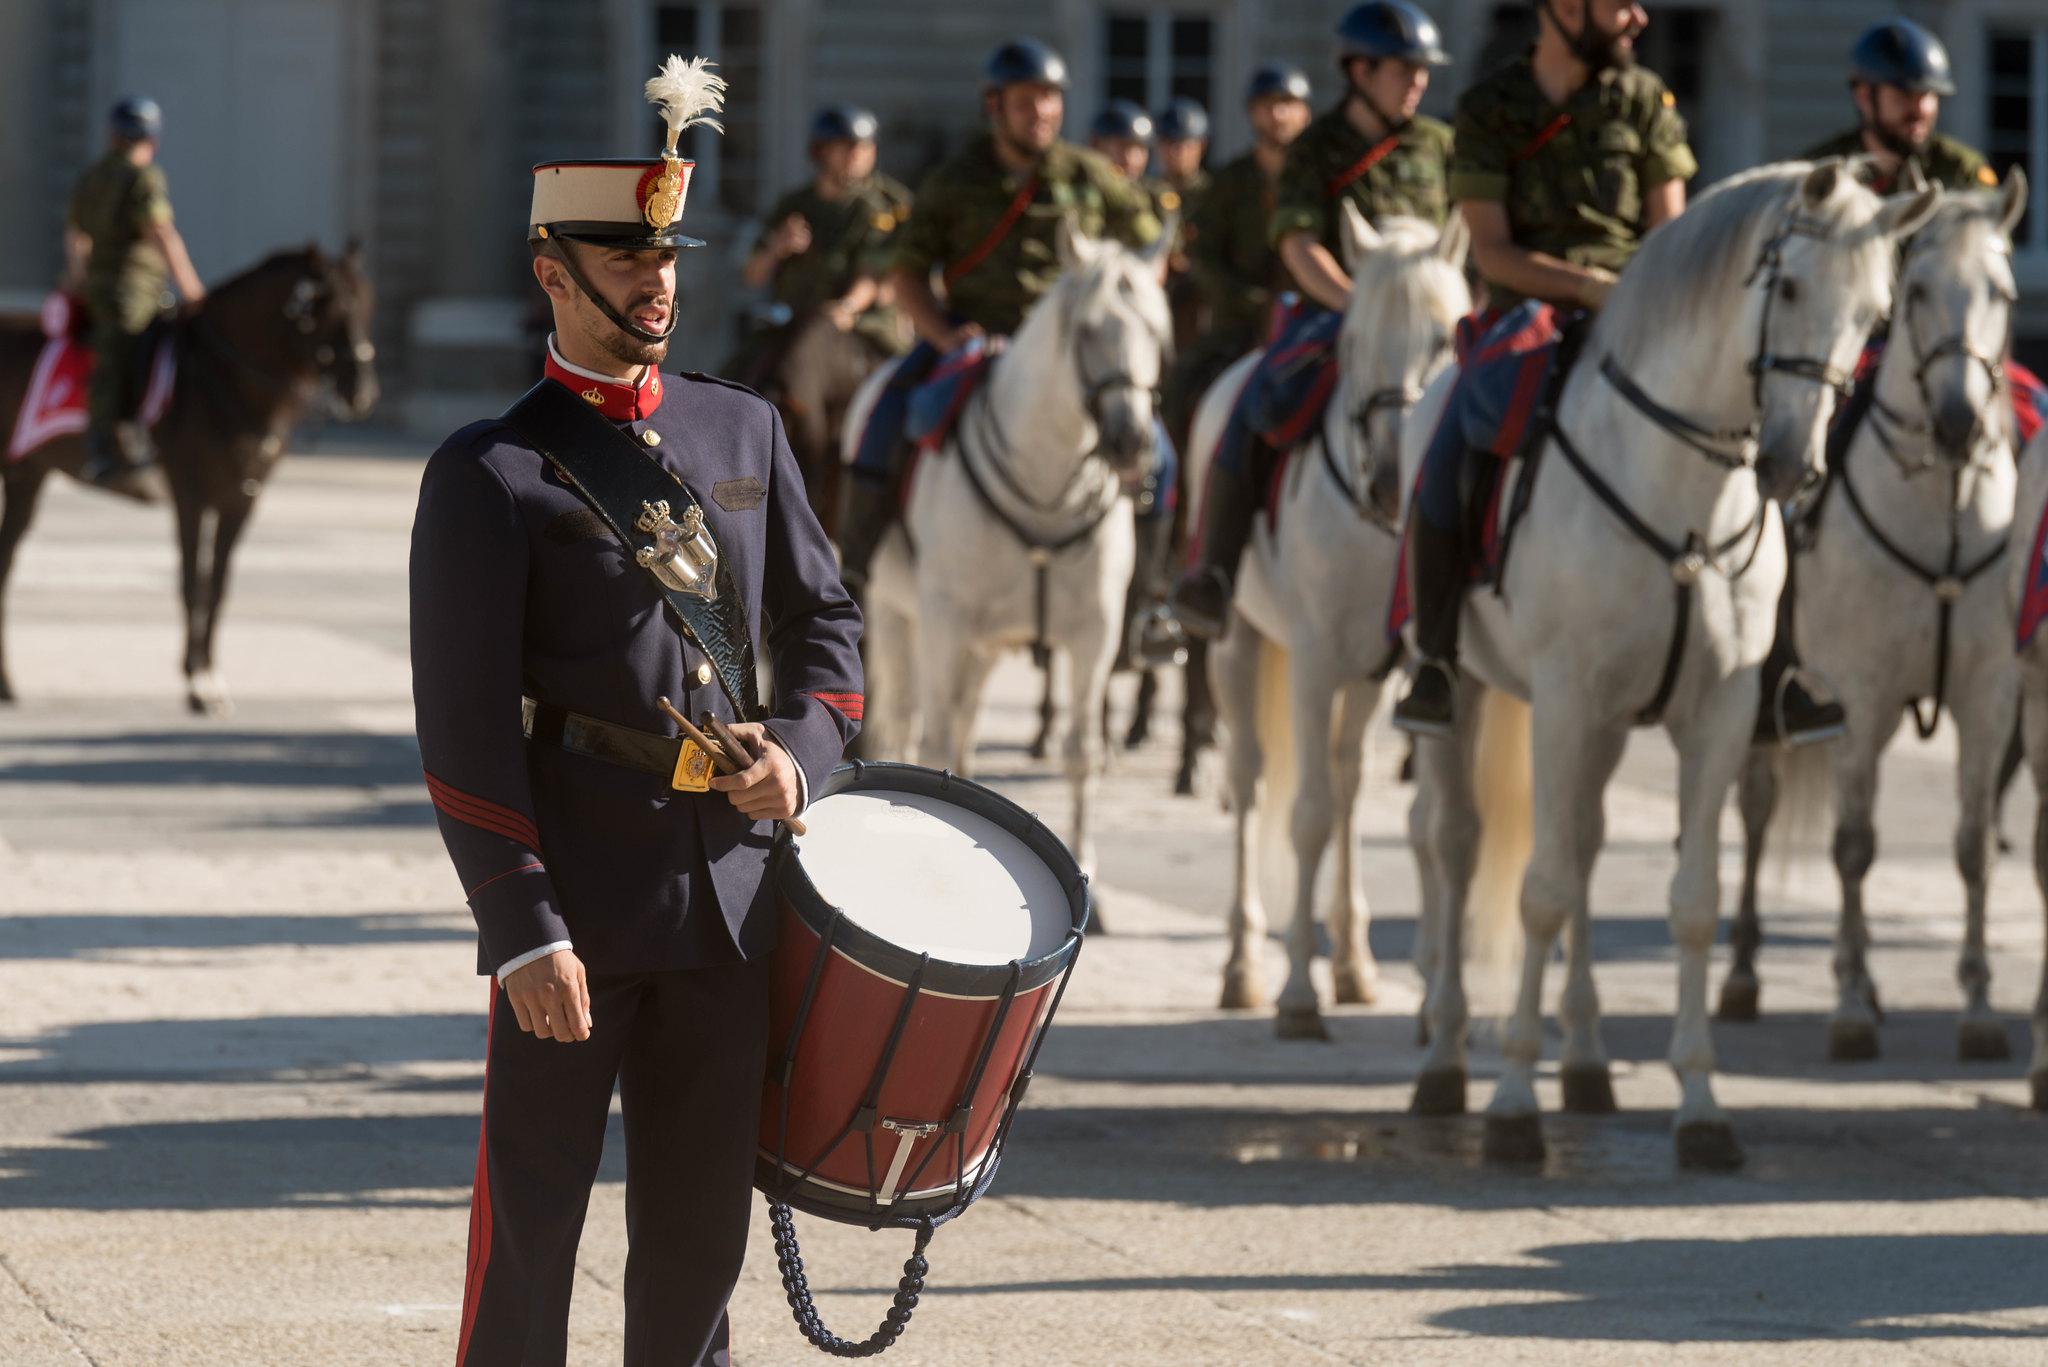 Cambio de Guardia y Relevo Solemne en el Palacio Real